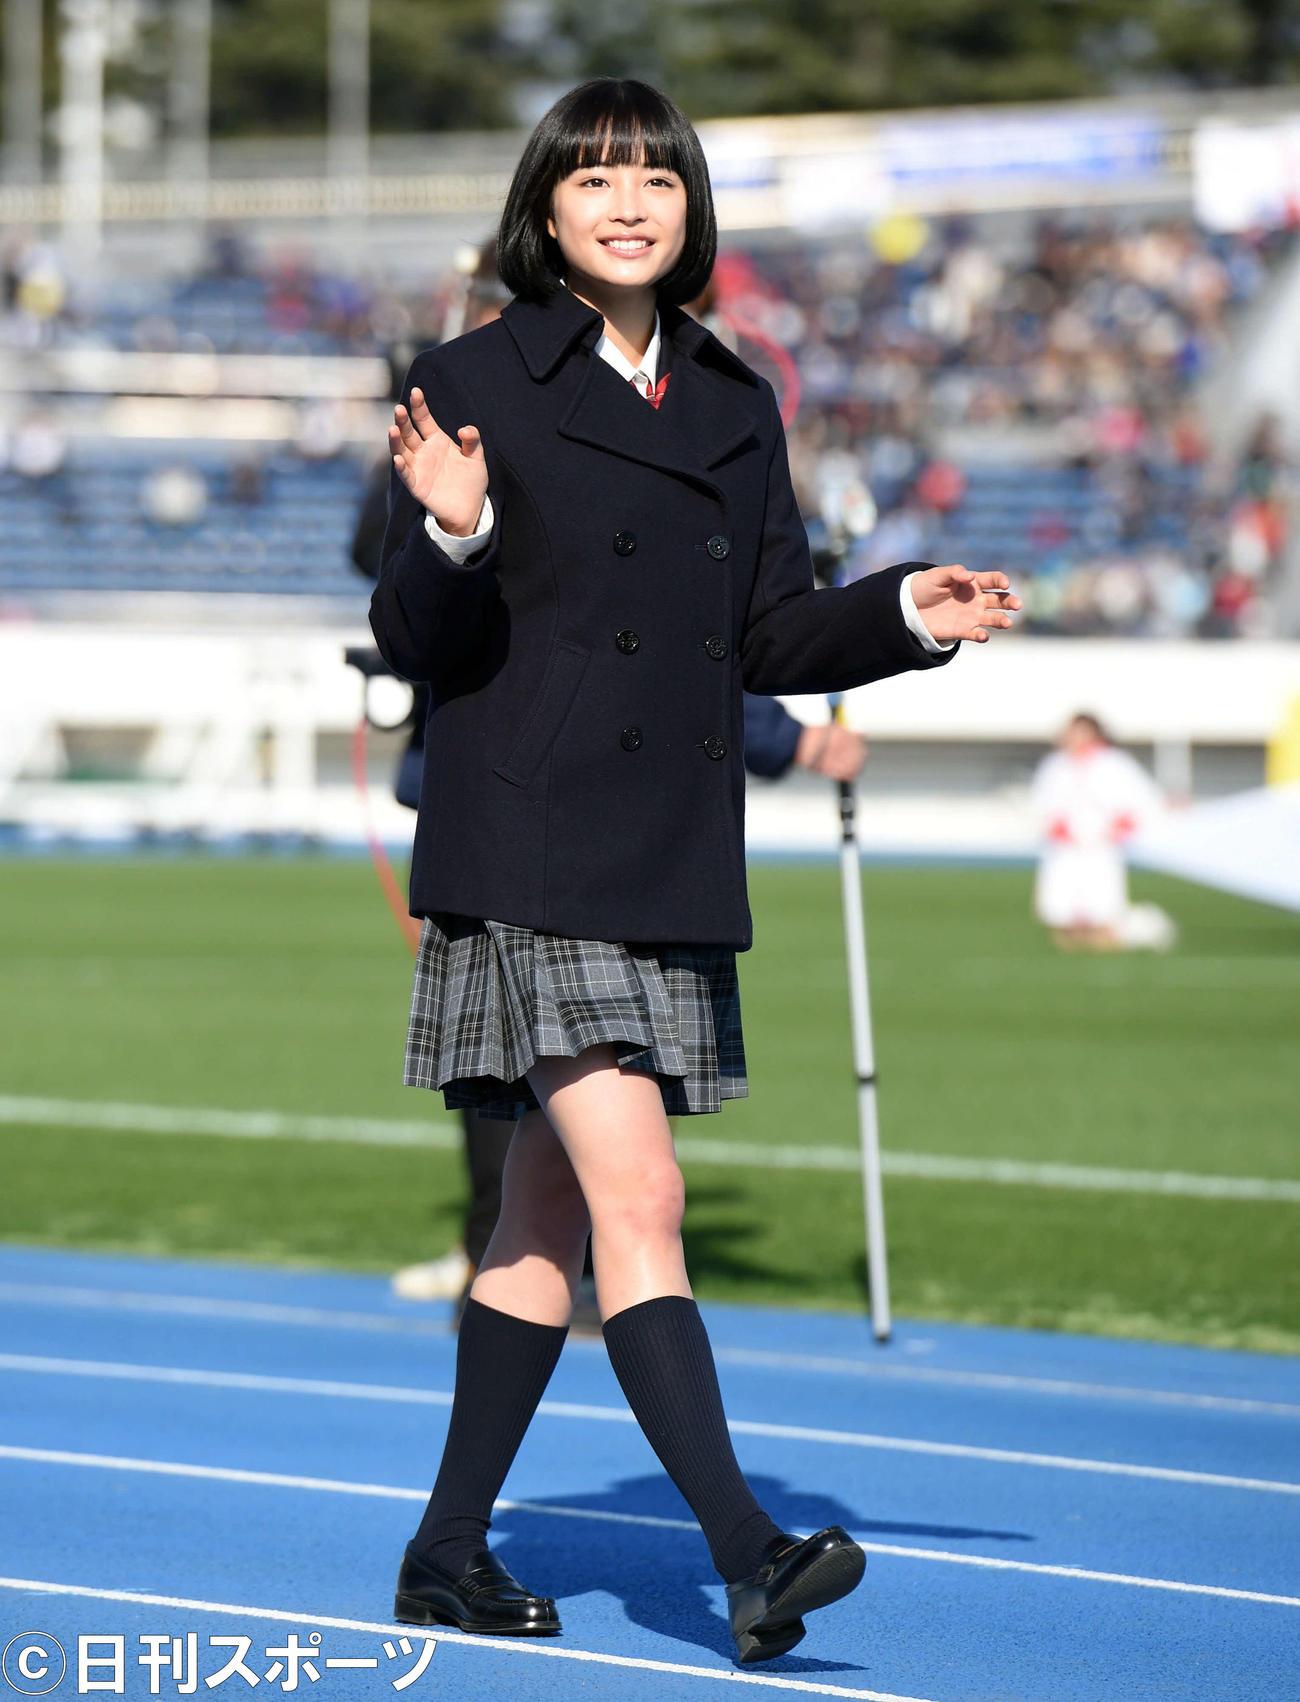 第93回全国高校サッカー選手権大会 応援マネジャーの広瀬すず(14年12月30日)